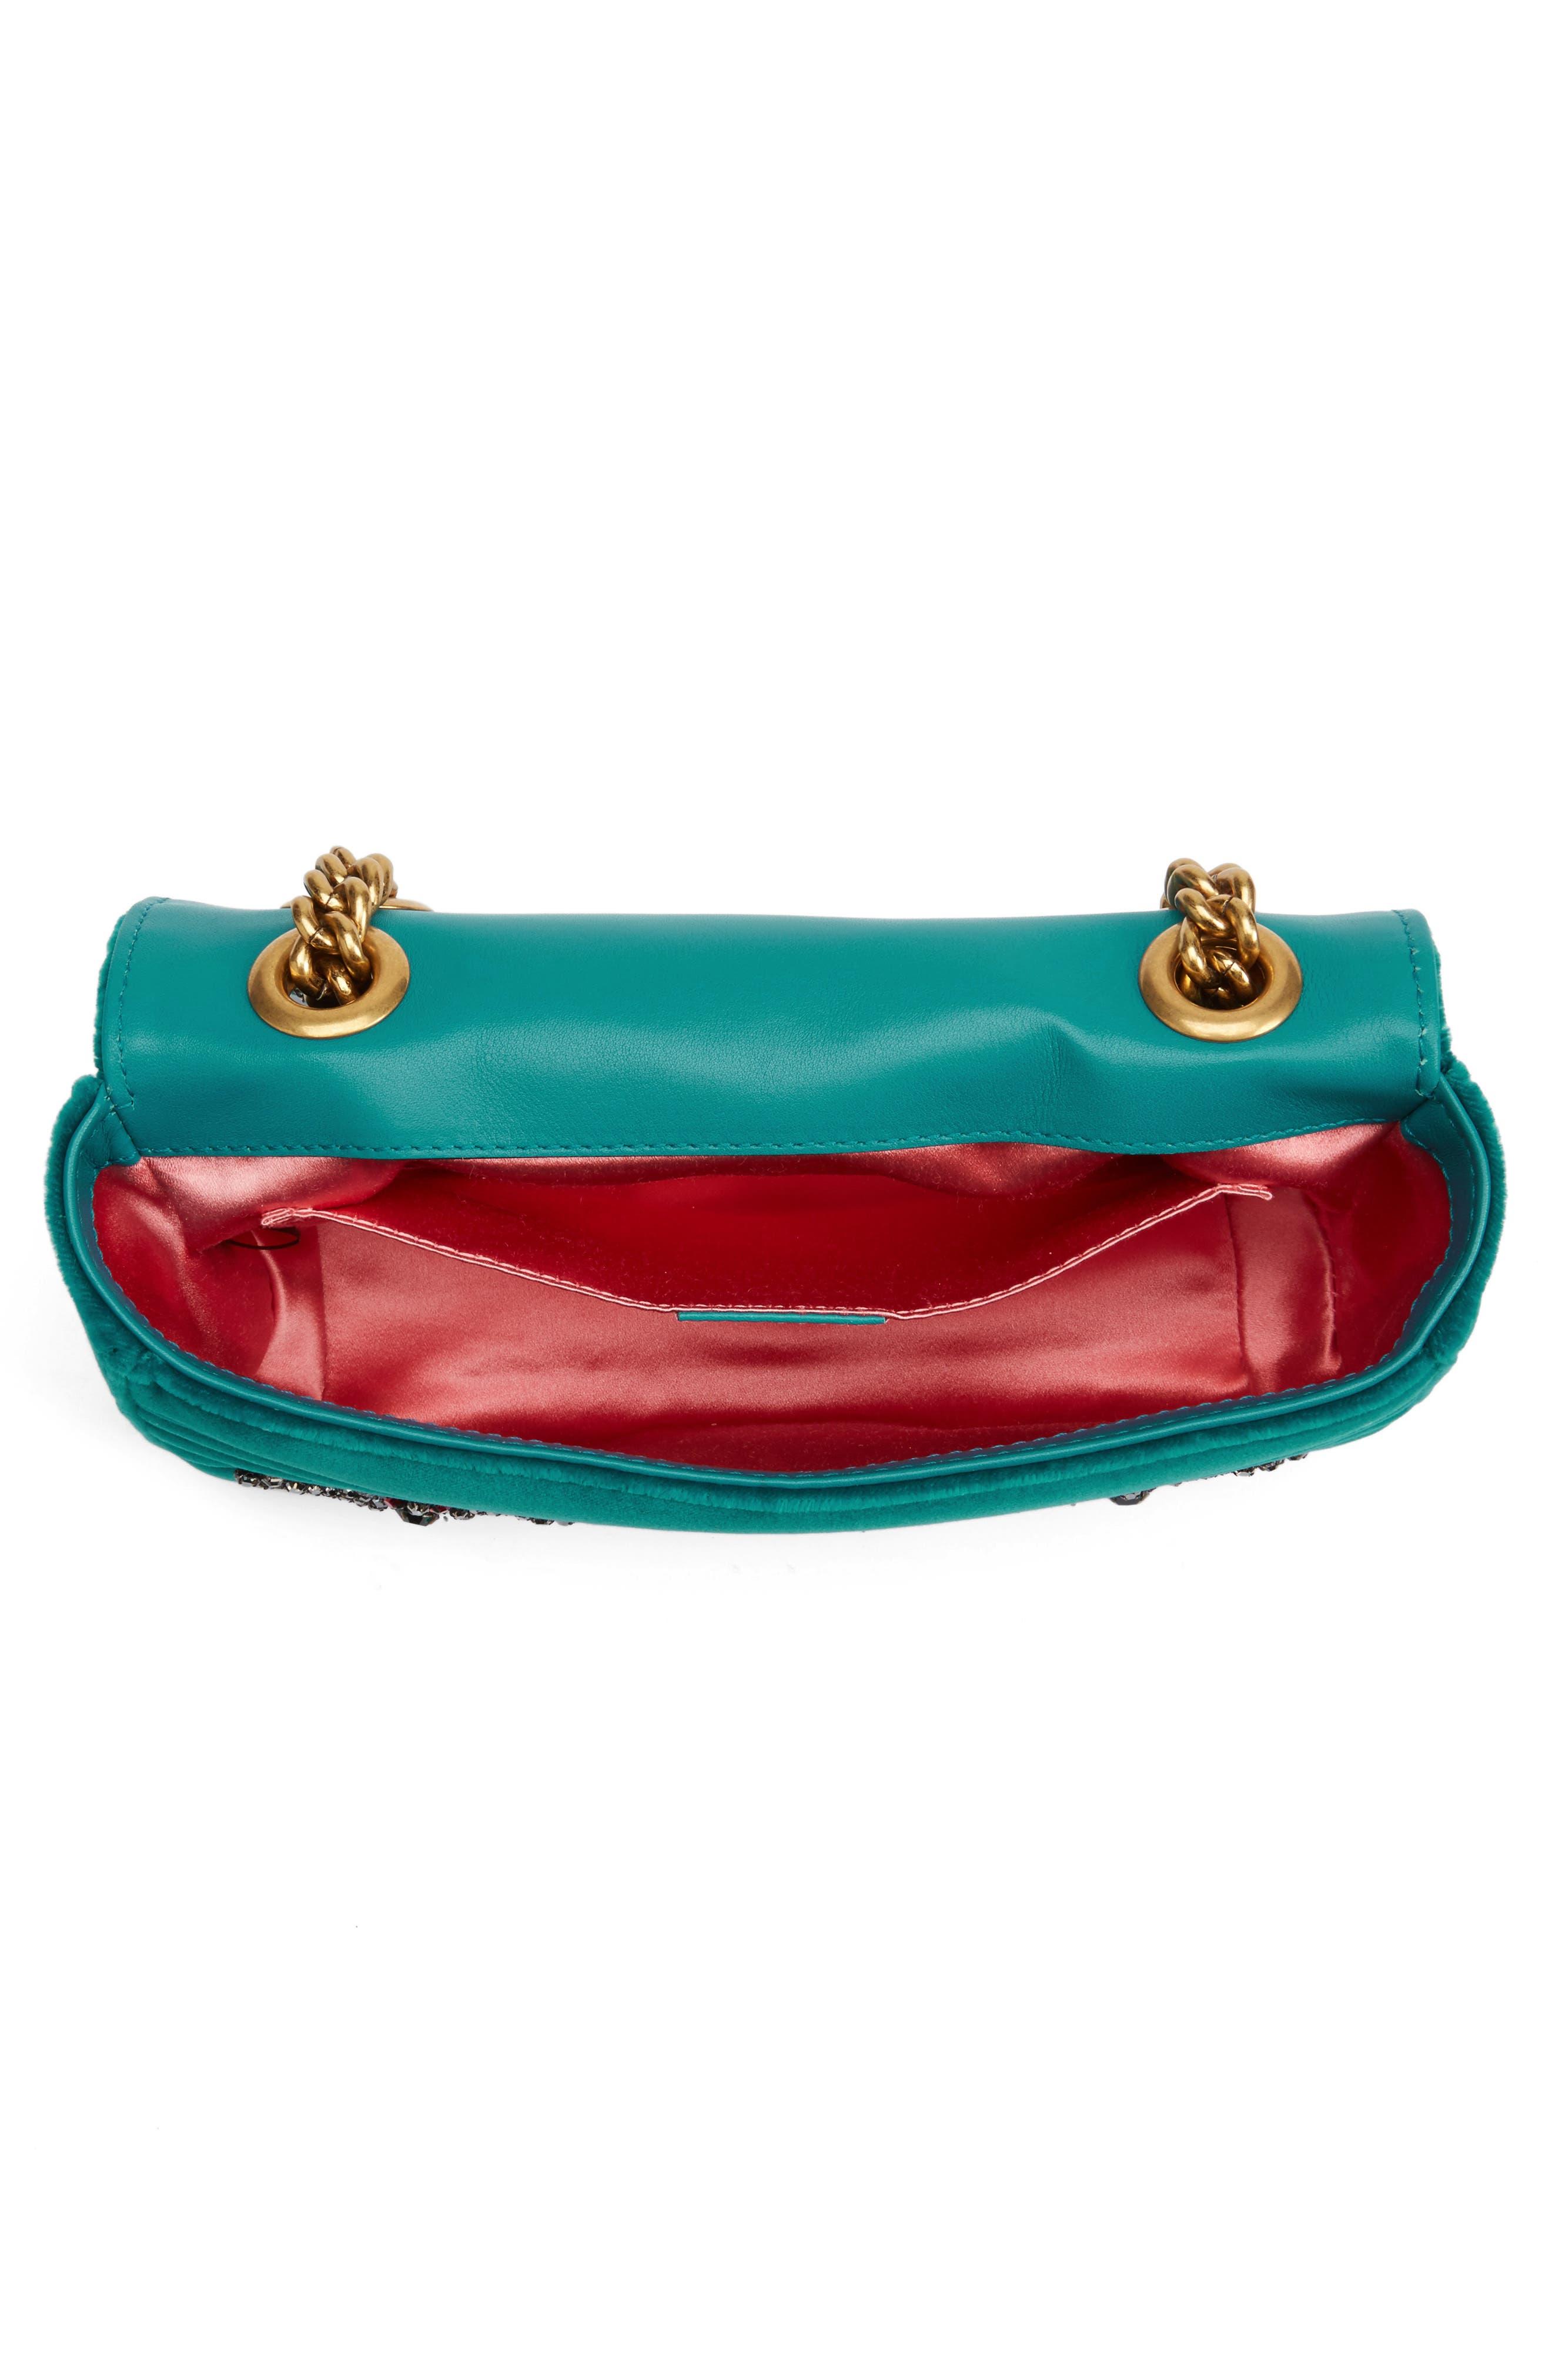 Mini GG Marmont Matelassé Velvet Shoulder Bag,                             Alternate thumbnail 4, color,                             PIVONE